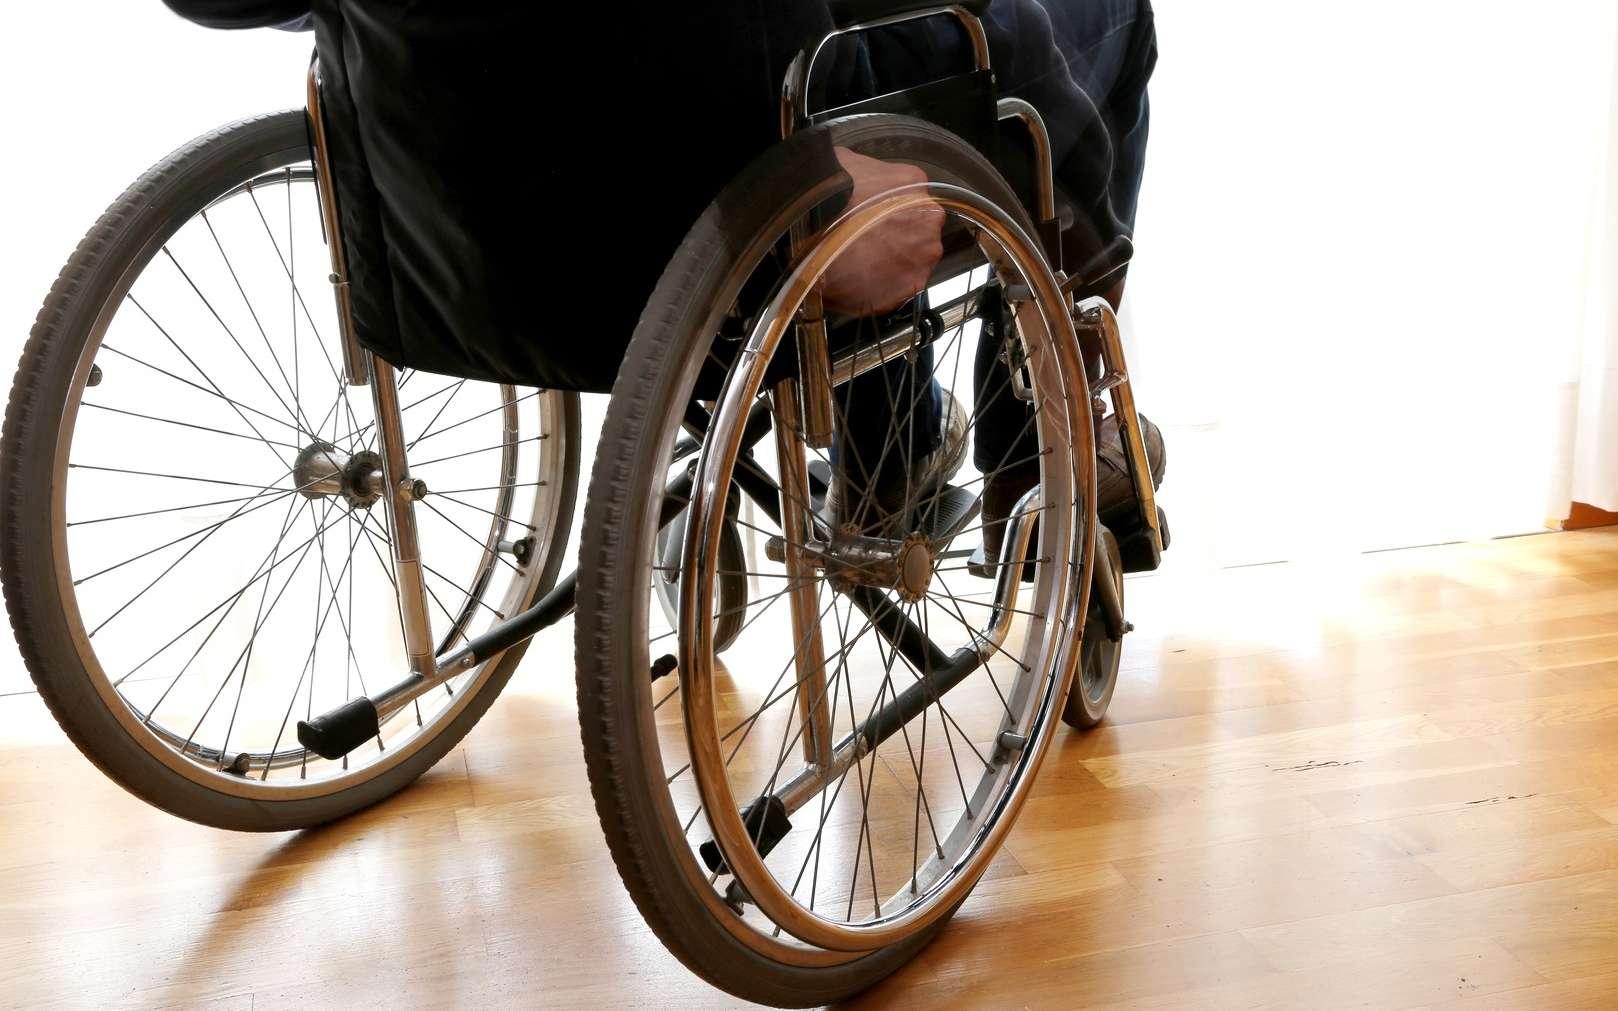 La maladie de Charcot est une maladie très invalidante qui conduit à un lourd handicap. © ChiccoDodiFC, Fotolia